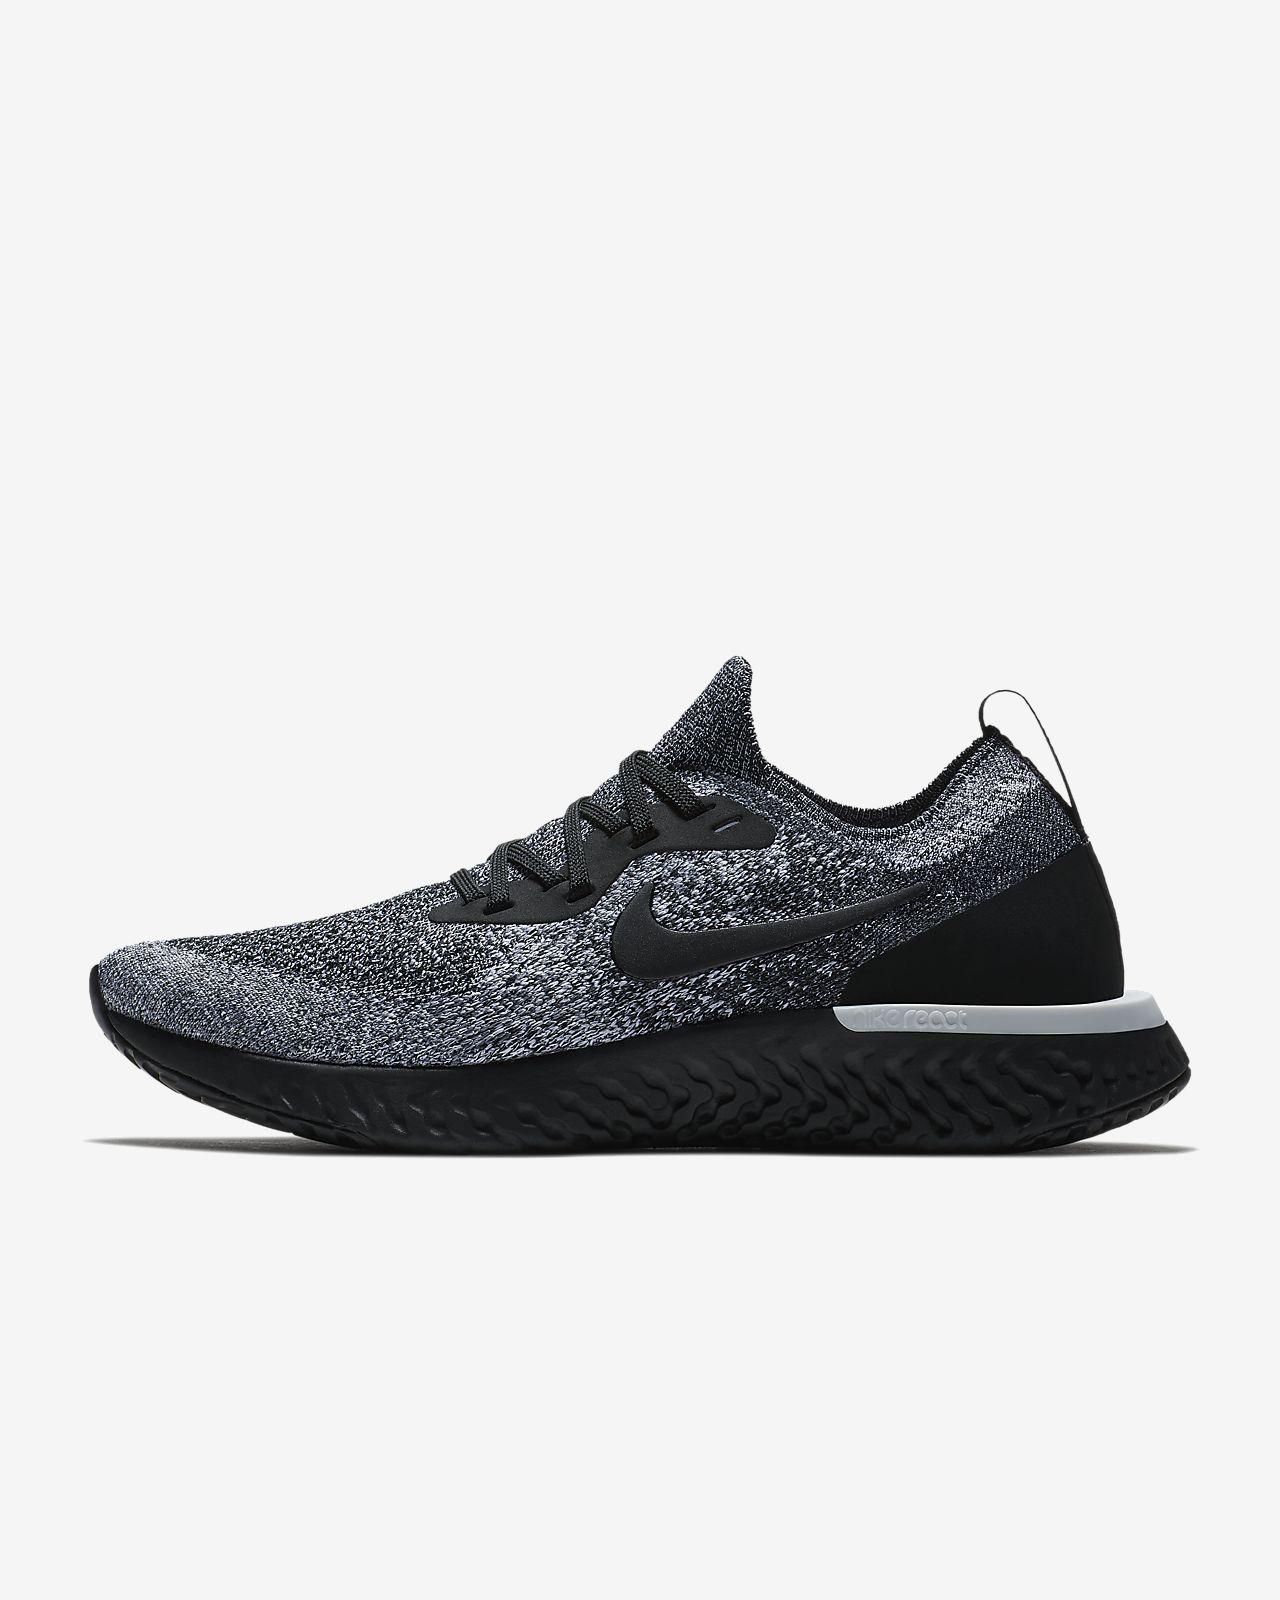 72eb2abf90229 Nike Epic React Flyknit 1 Women s Running Shoe. Nike.com